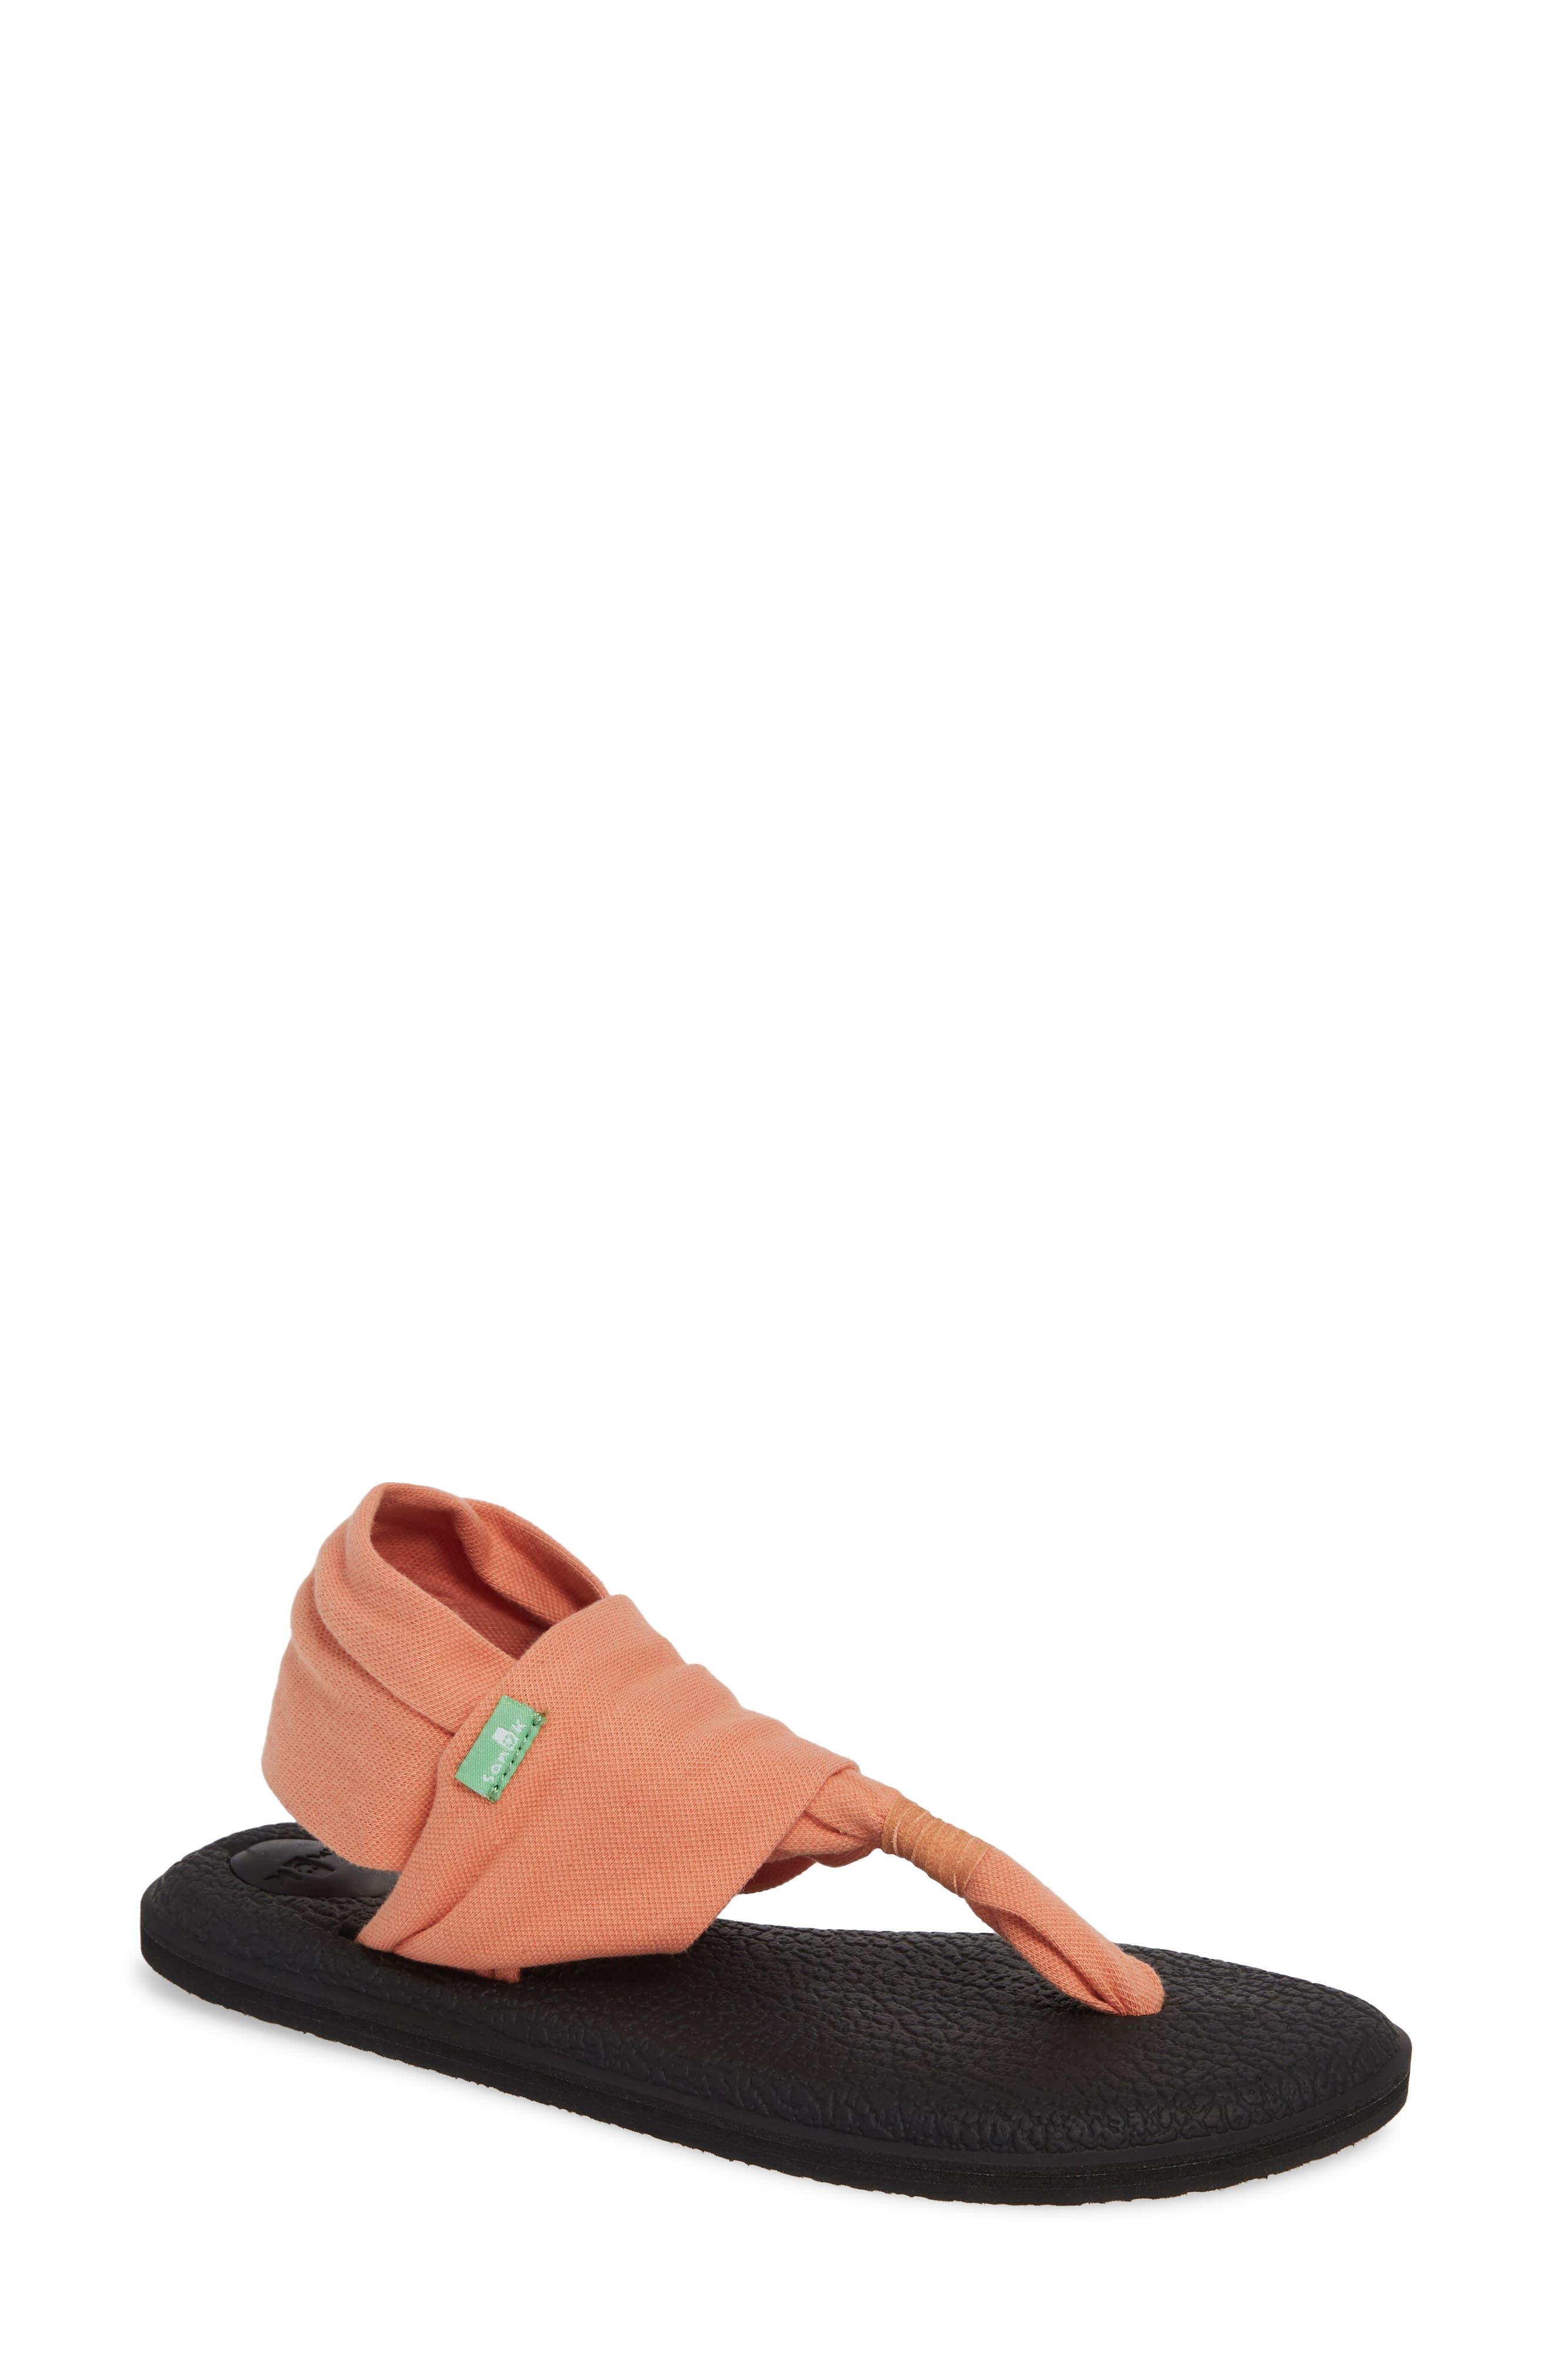 SANUK, 'Yoga Sling 2' Sandal, Main thumbnail 1, color, CARNELIAN